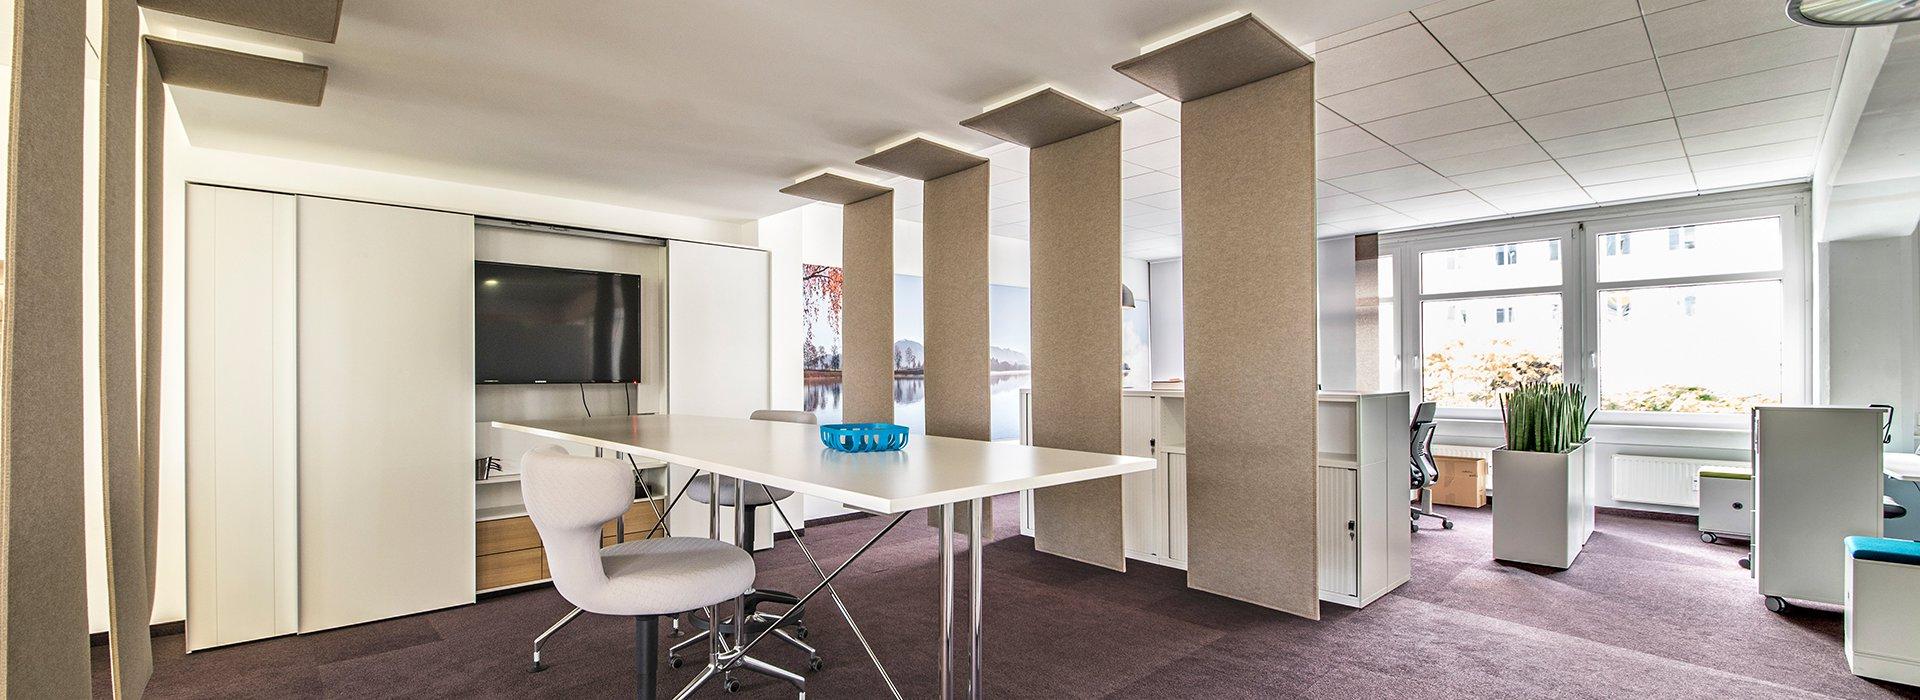 jobs in m nchen mit leidenschaft f r b ros s w. Black Bedroom Furniture Sets. Home Design Ideas